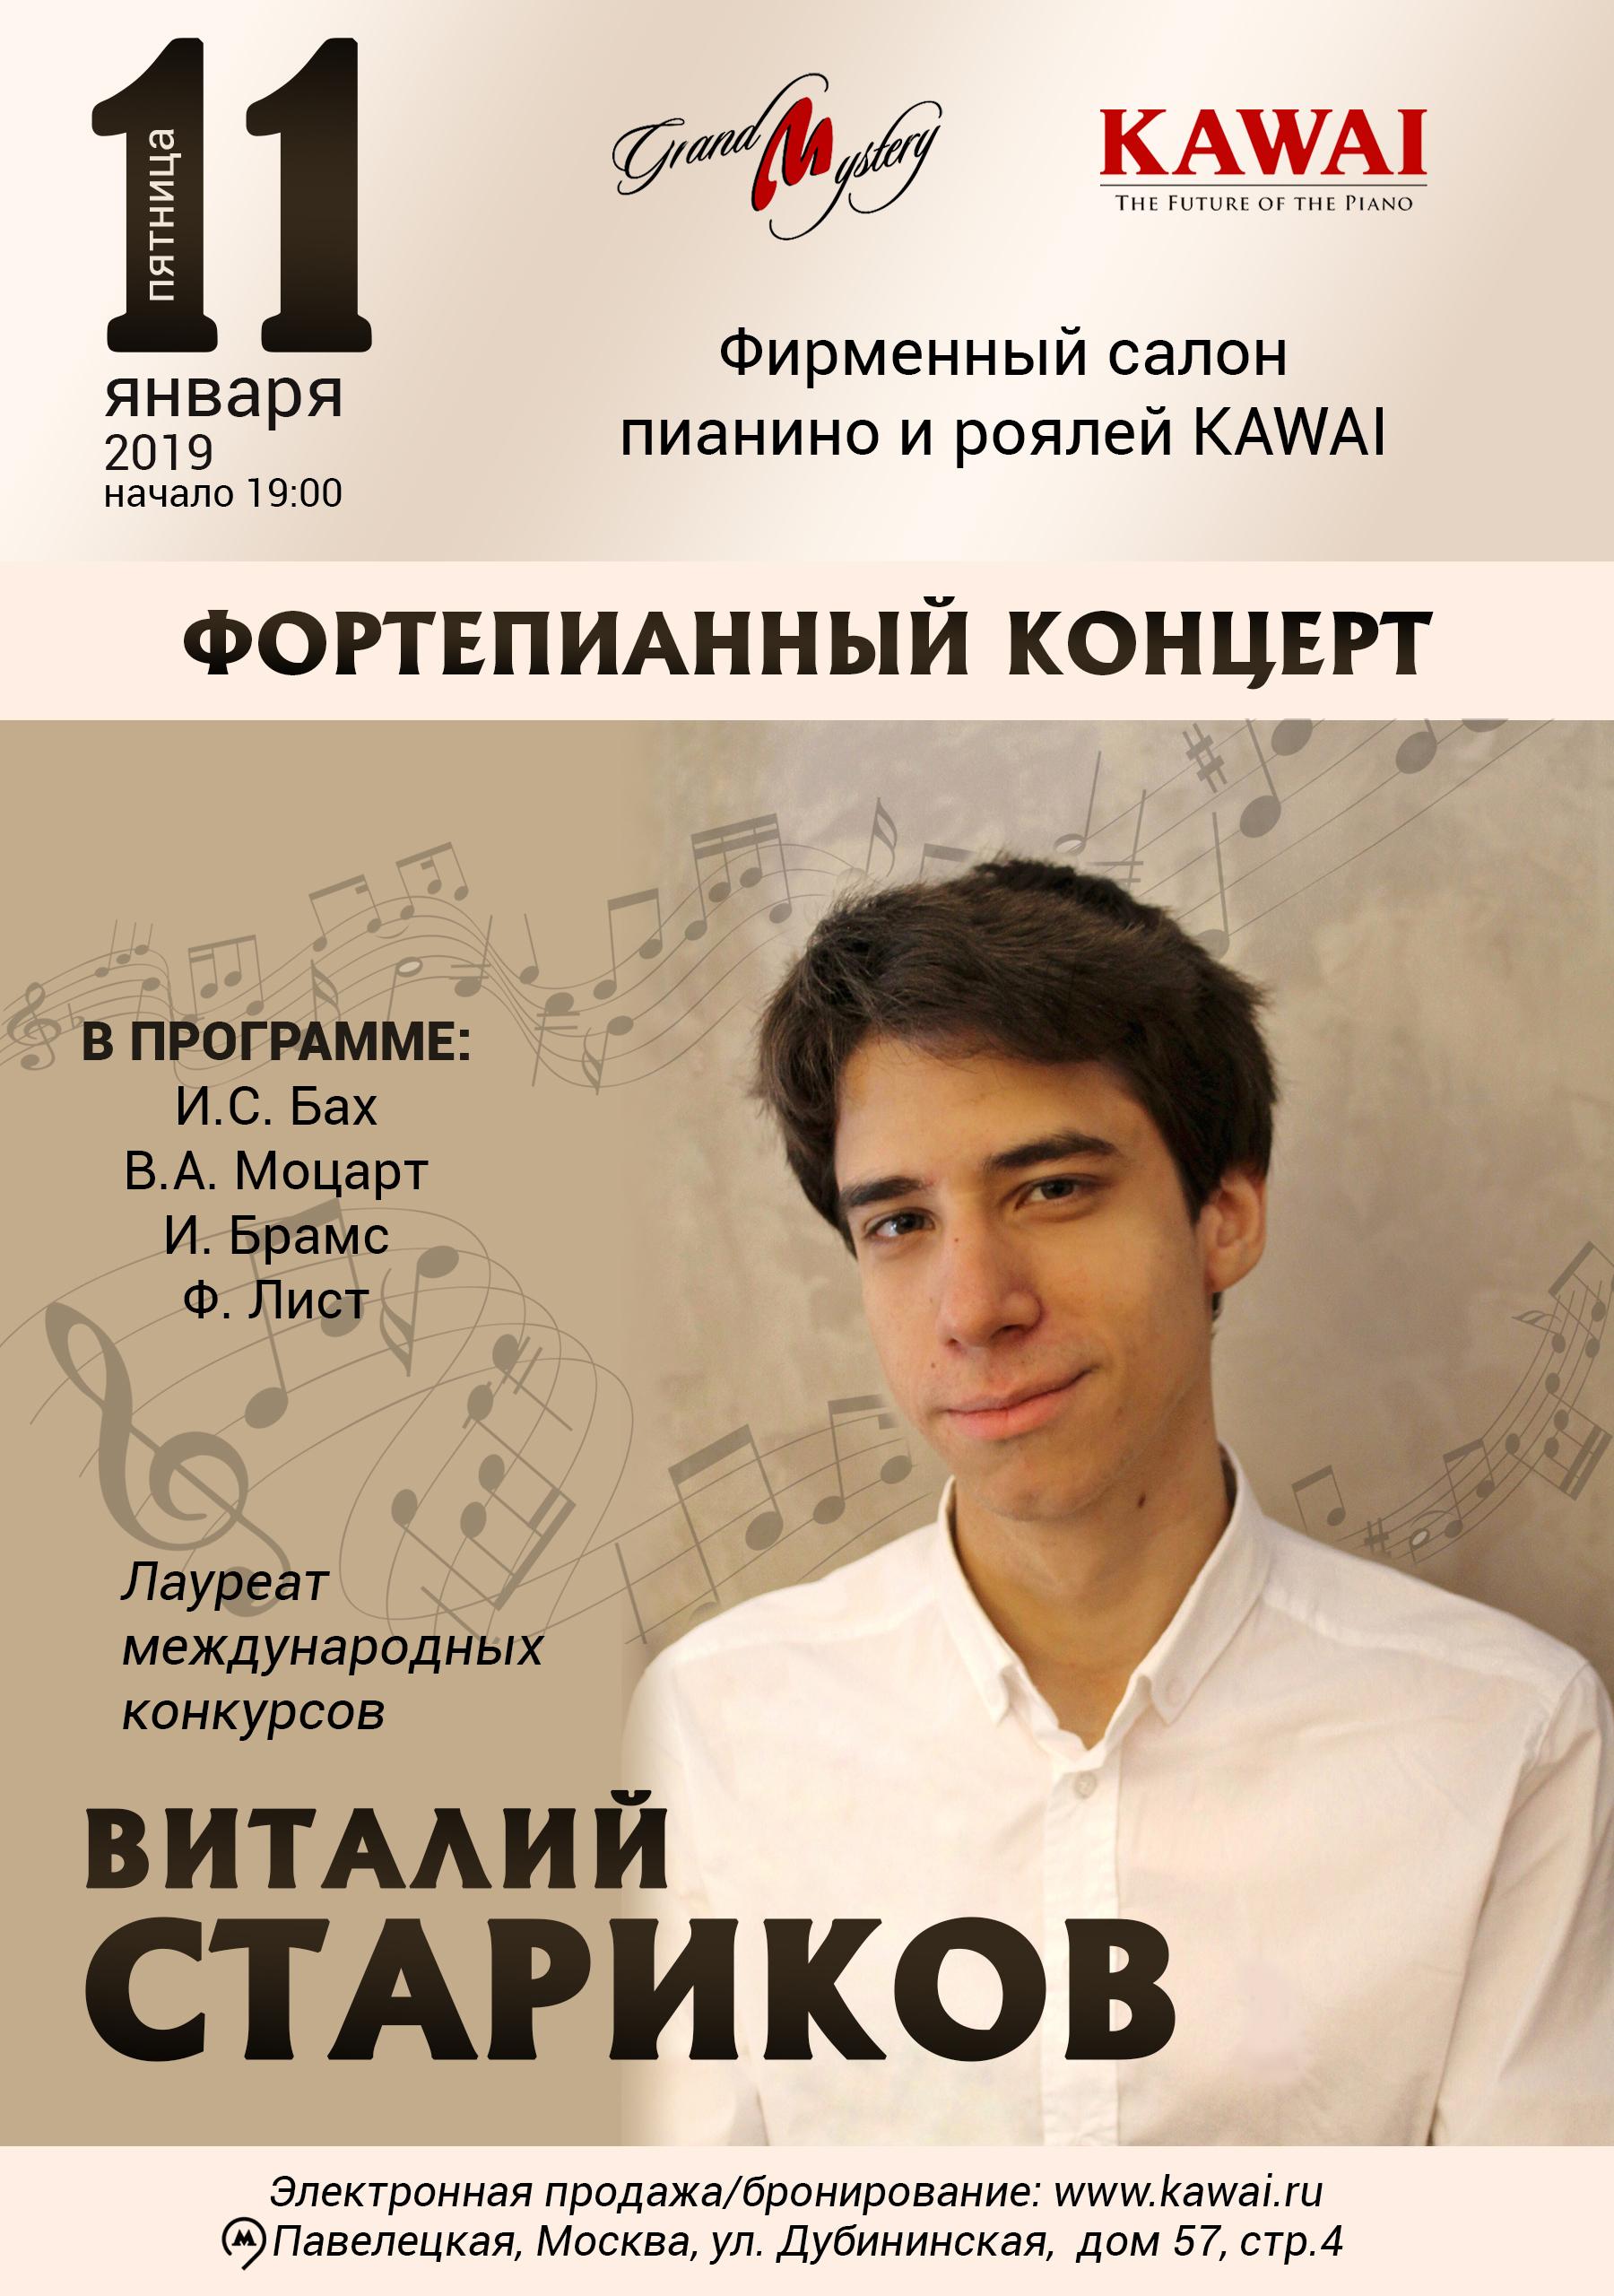 Фортепианный концерт Виталия Старикова